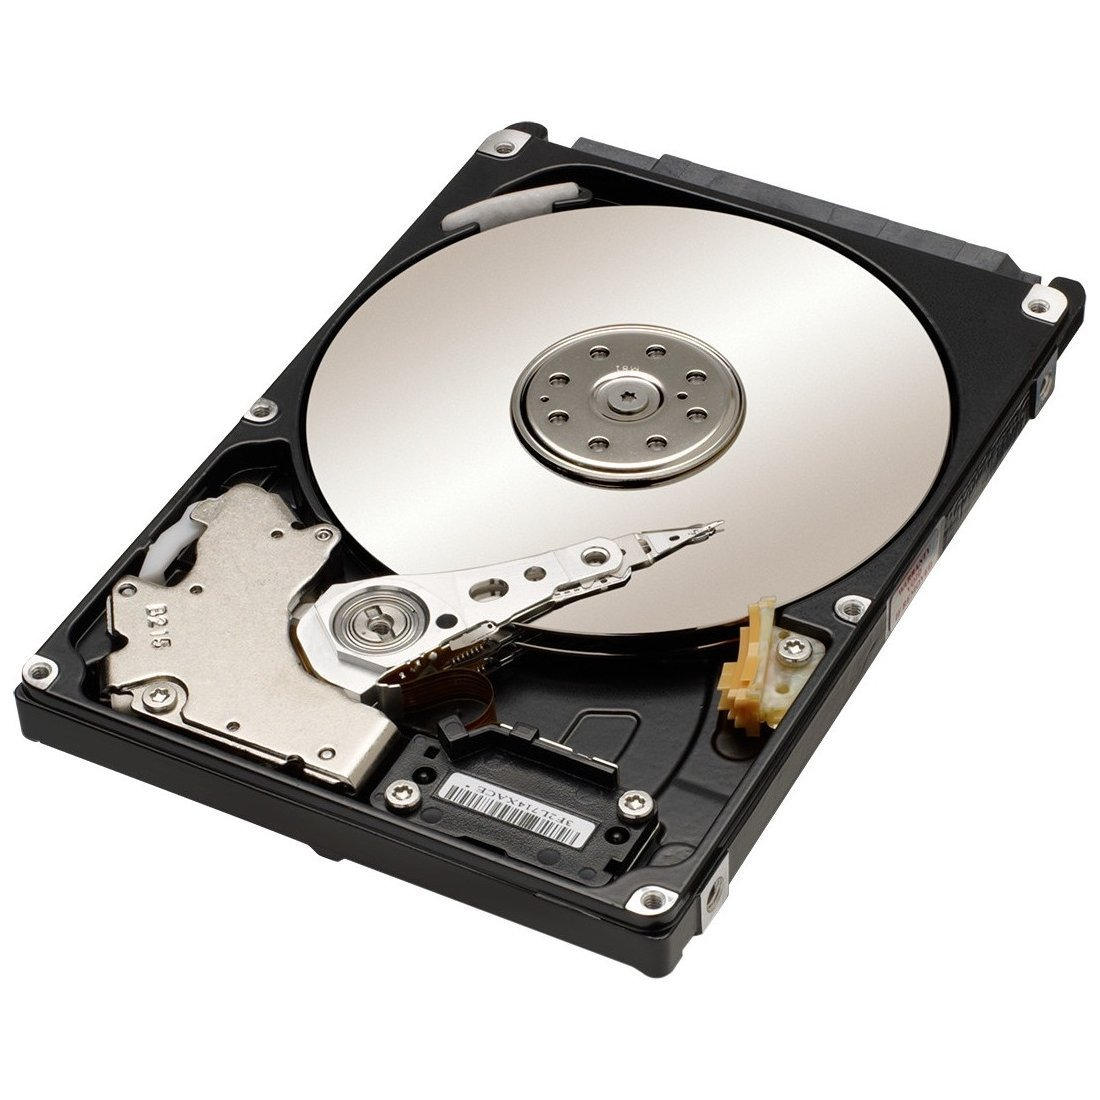 Quesque c'est un disque dur.